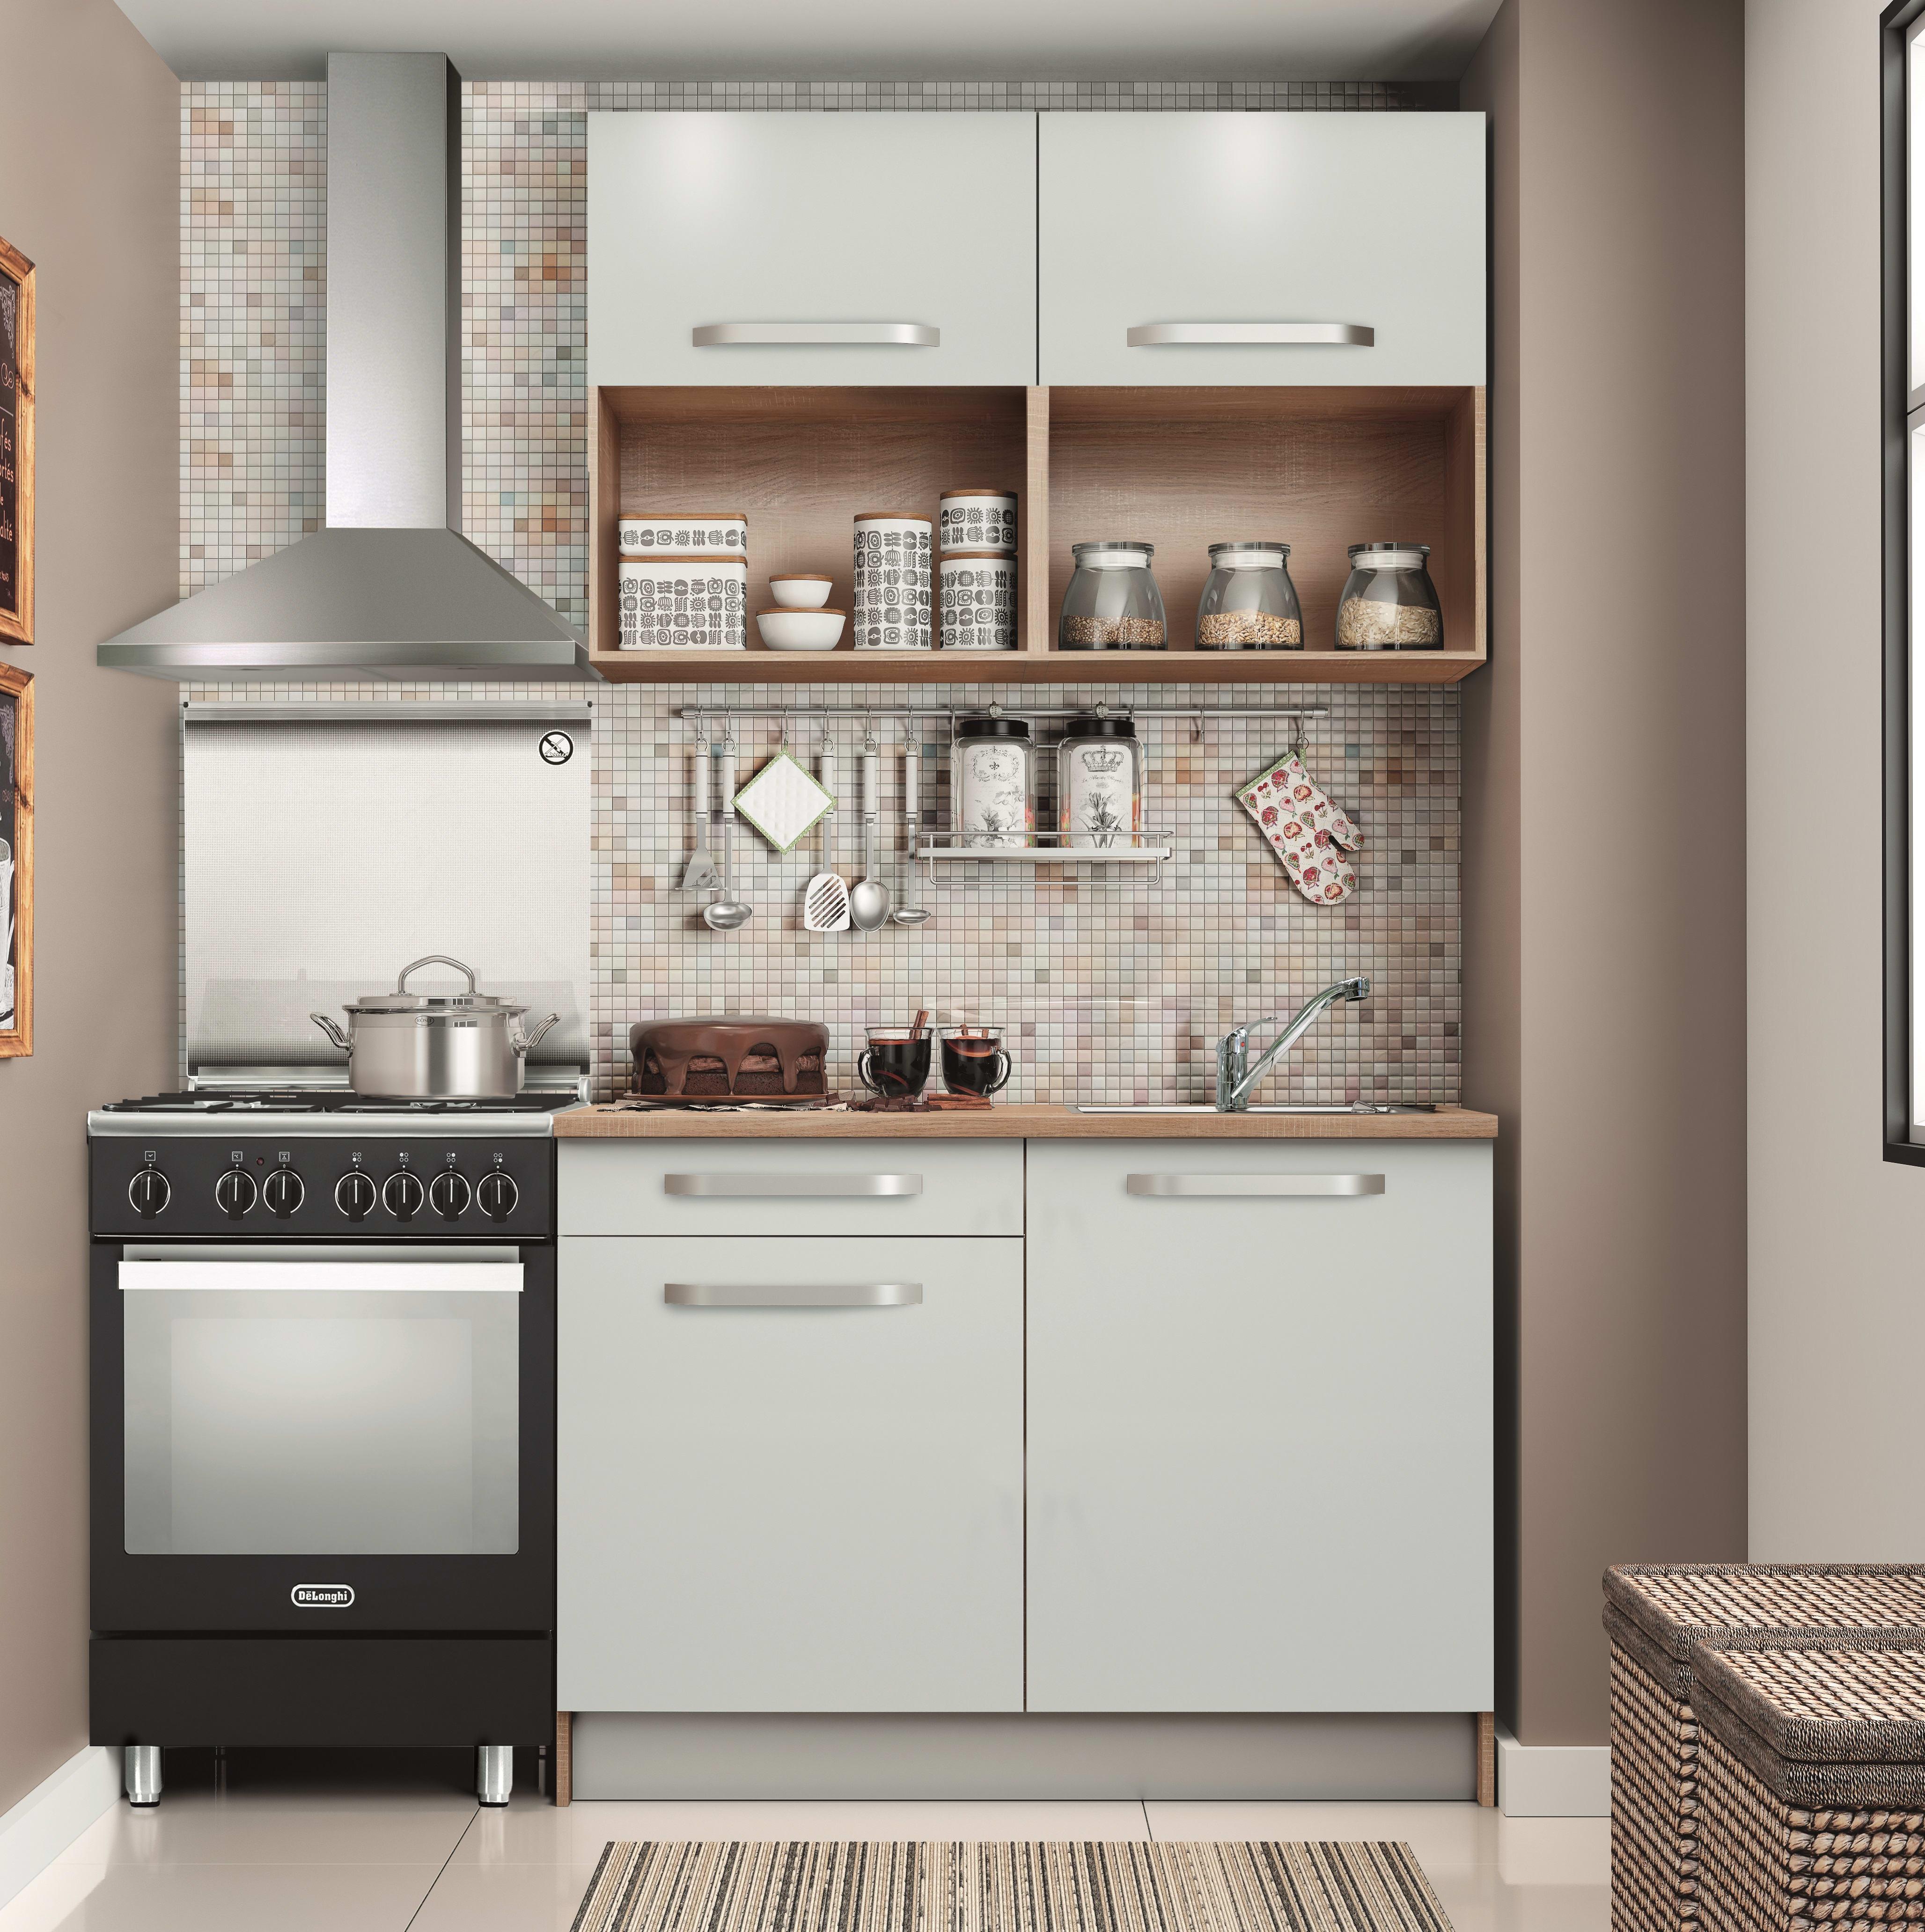 Mini Cucine A Scomparsa cucina in kit one bianco l 120 cm